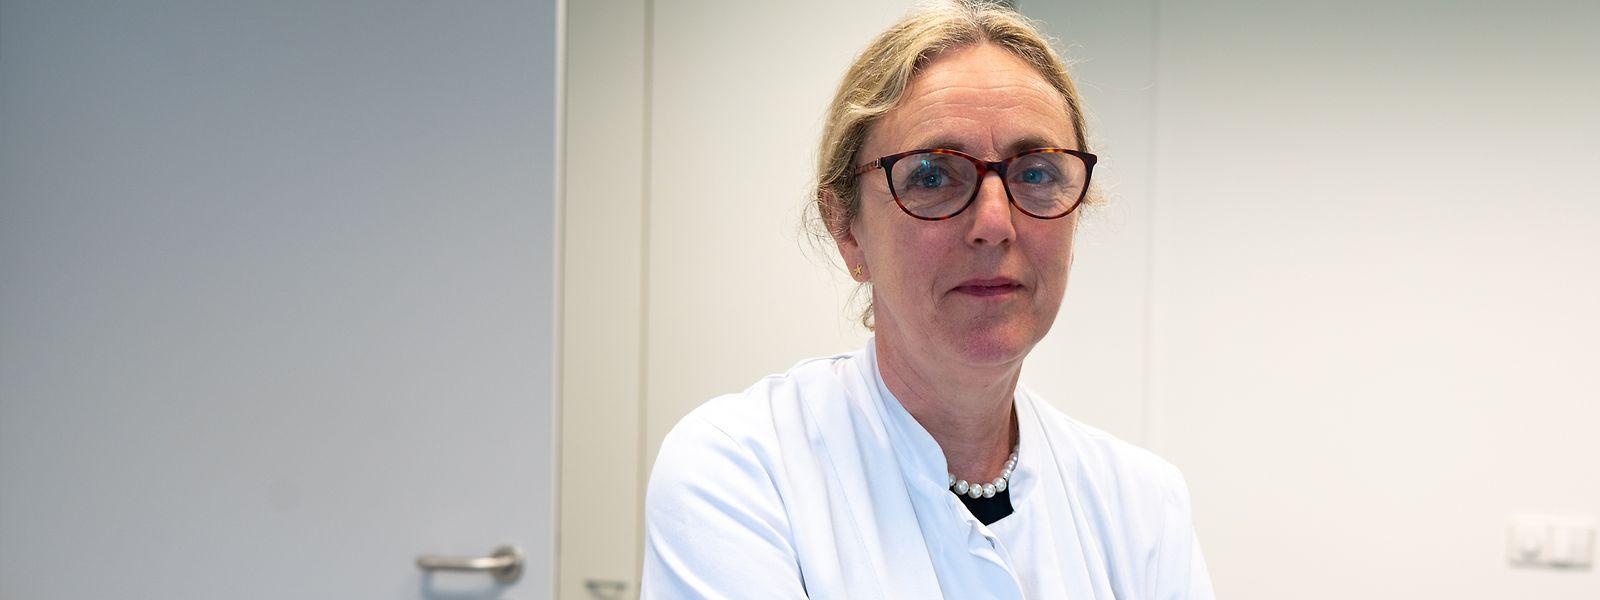 Selon le Dr Thérèse Staub, l'hospitalisation du Premier ministre devrait faire prendre conscience que le covid-19 est «une maladie grave».